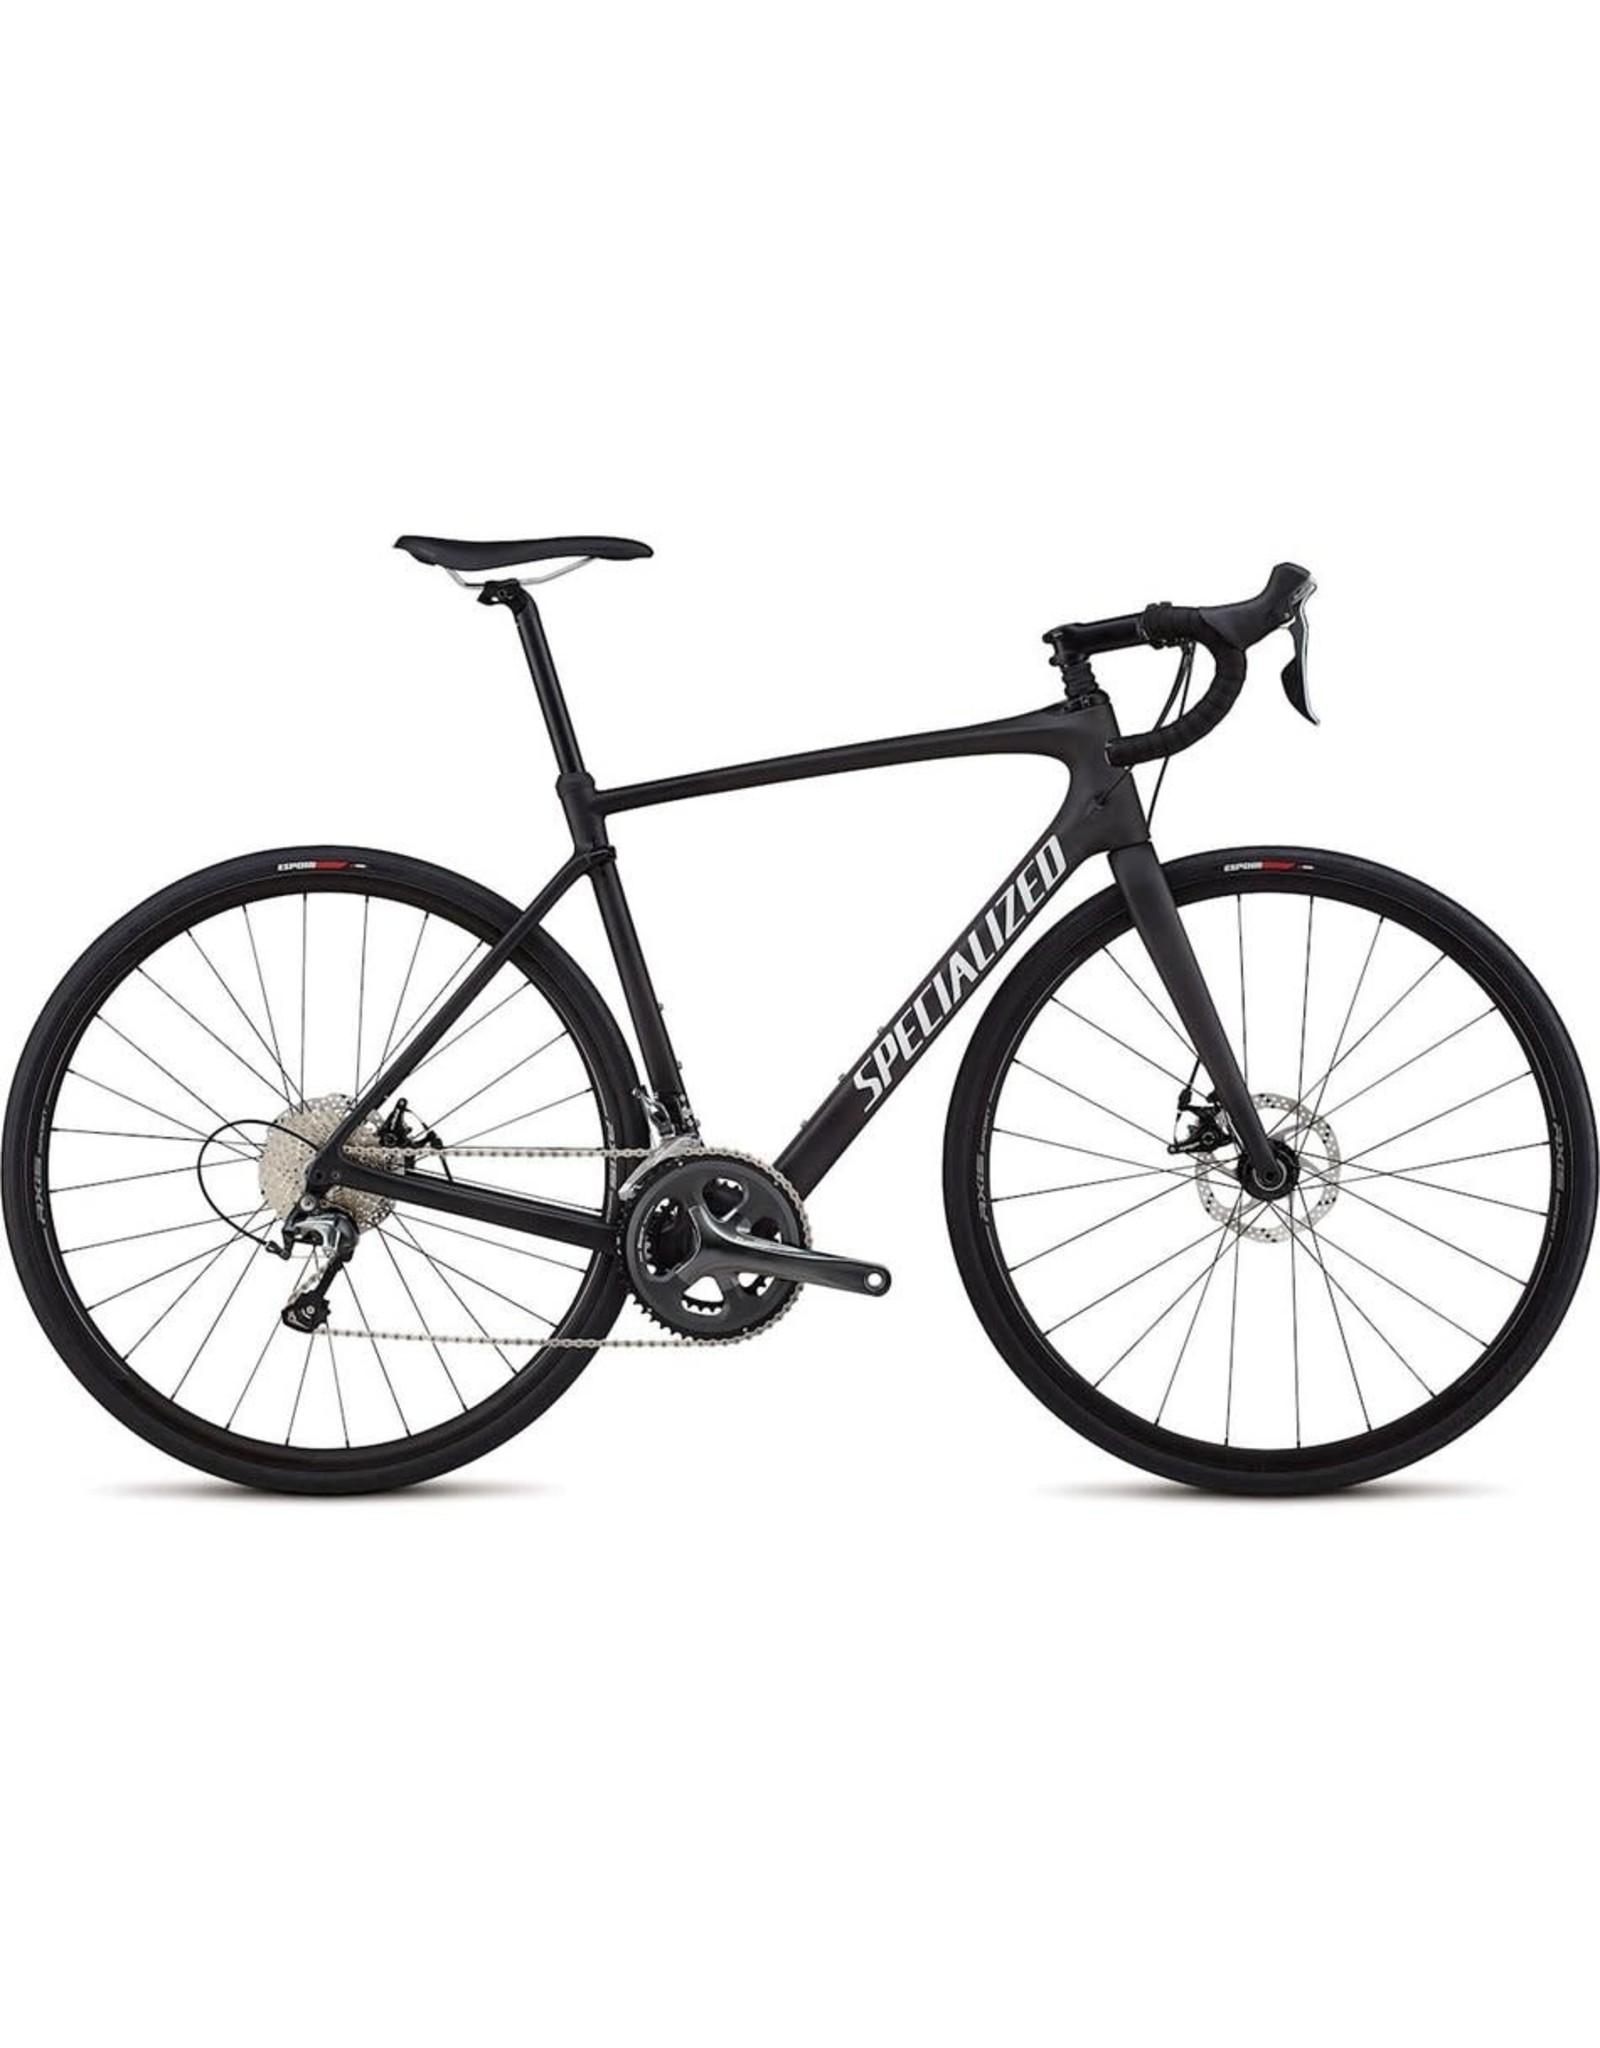 Specialized Roubaix - Carbon/White - 56cm